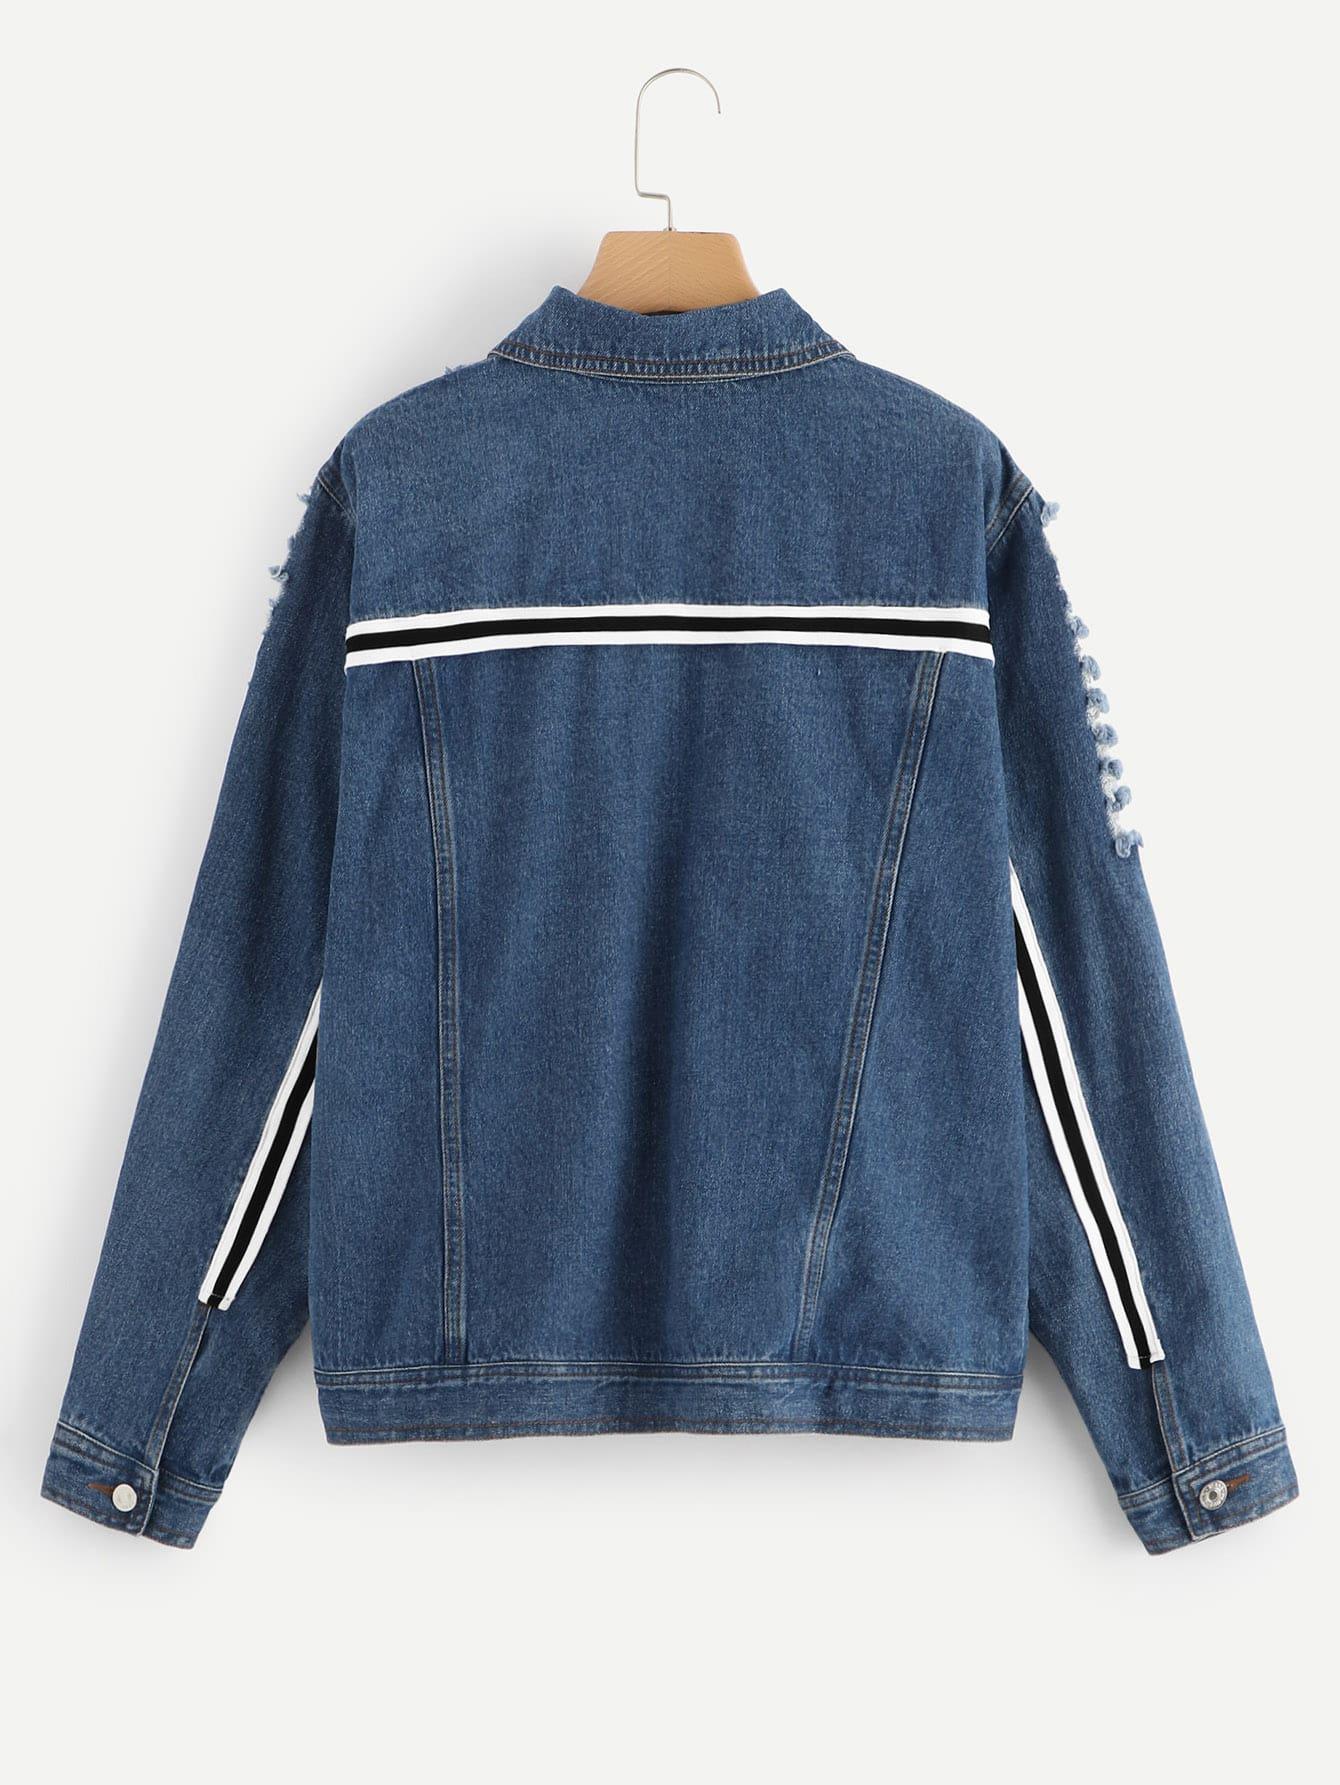 bergro e zerrissene jeans jacke mit streifen und band detail shein. Black Bedroom Furniture Sets. Home Design Ideas